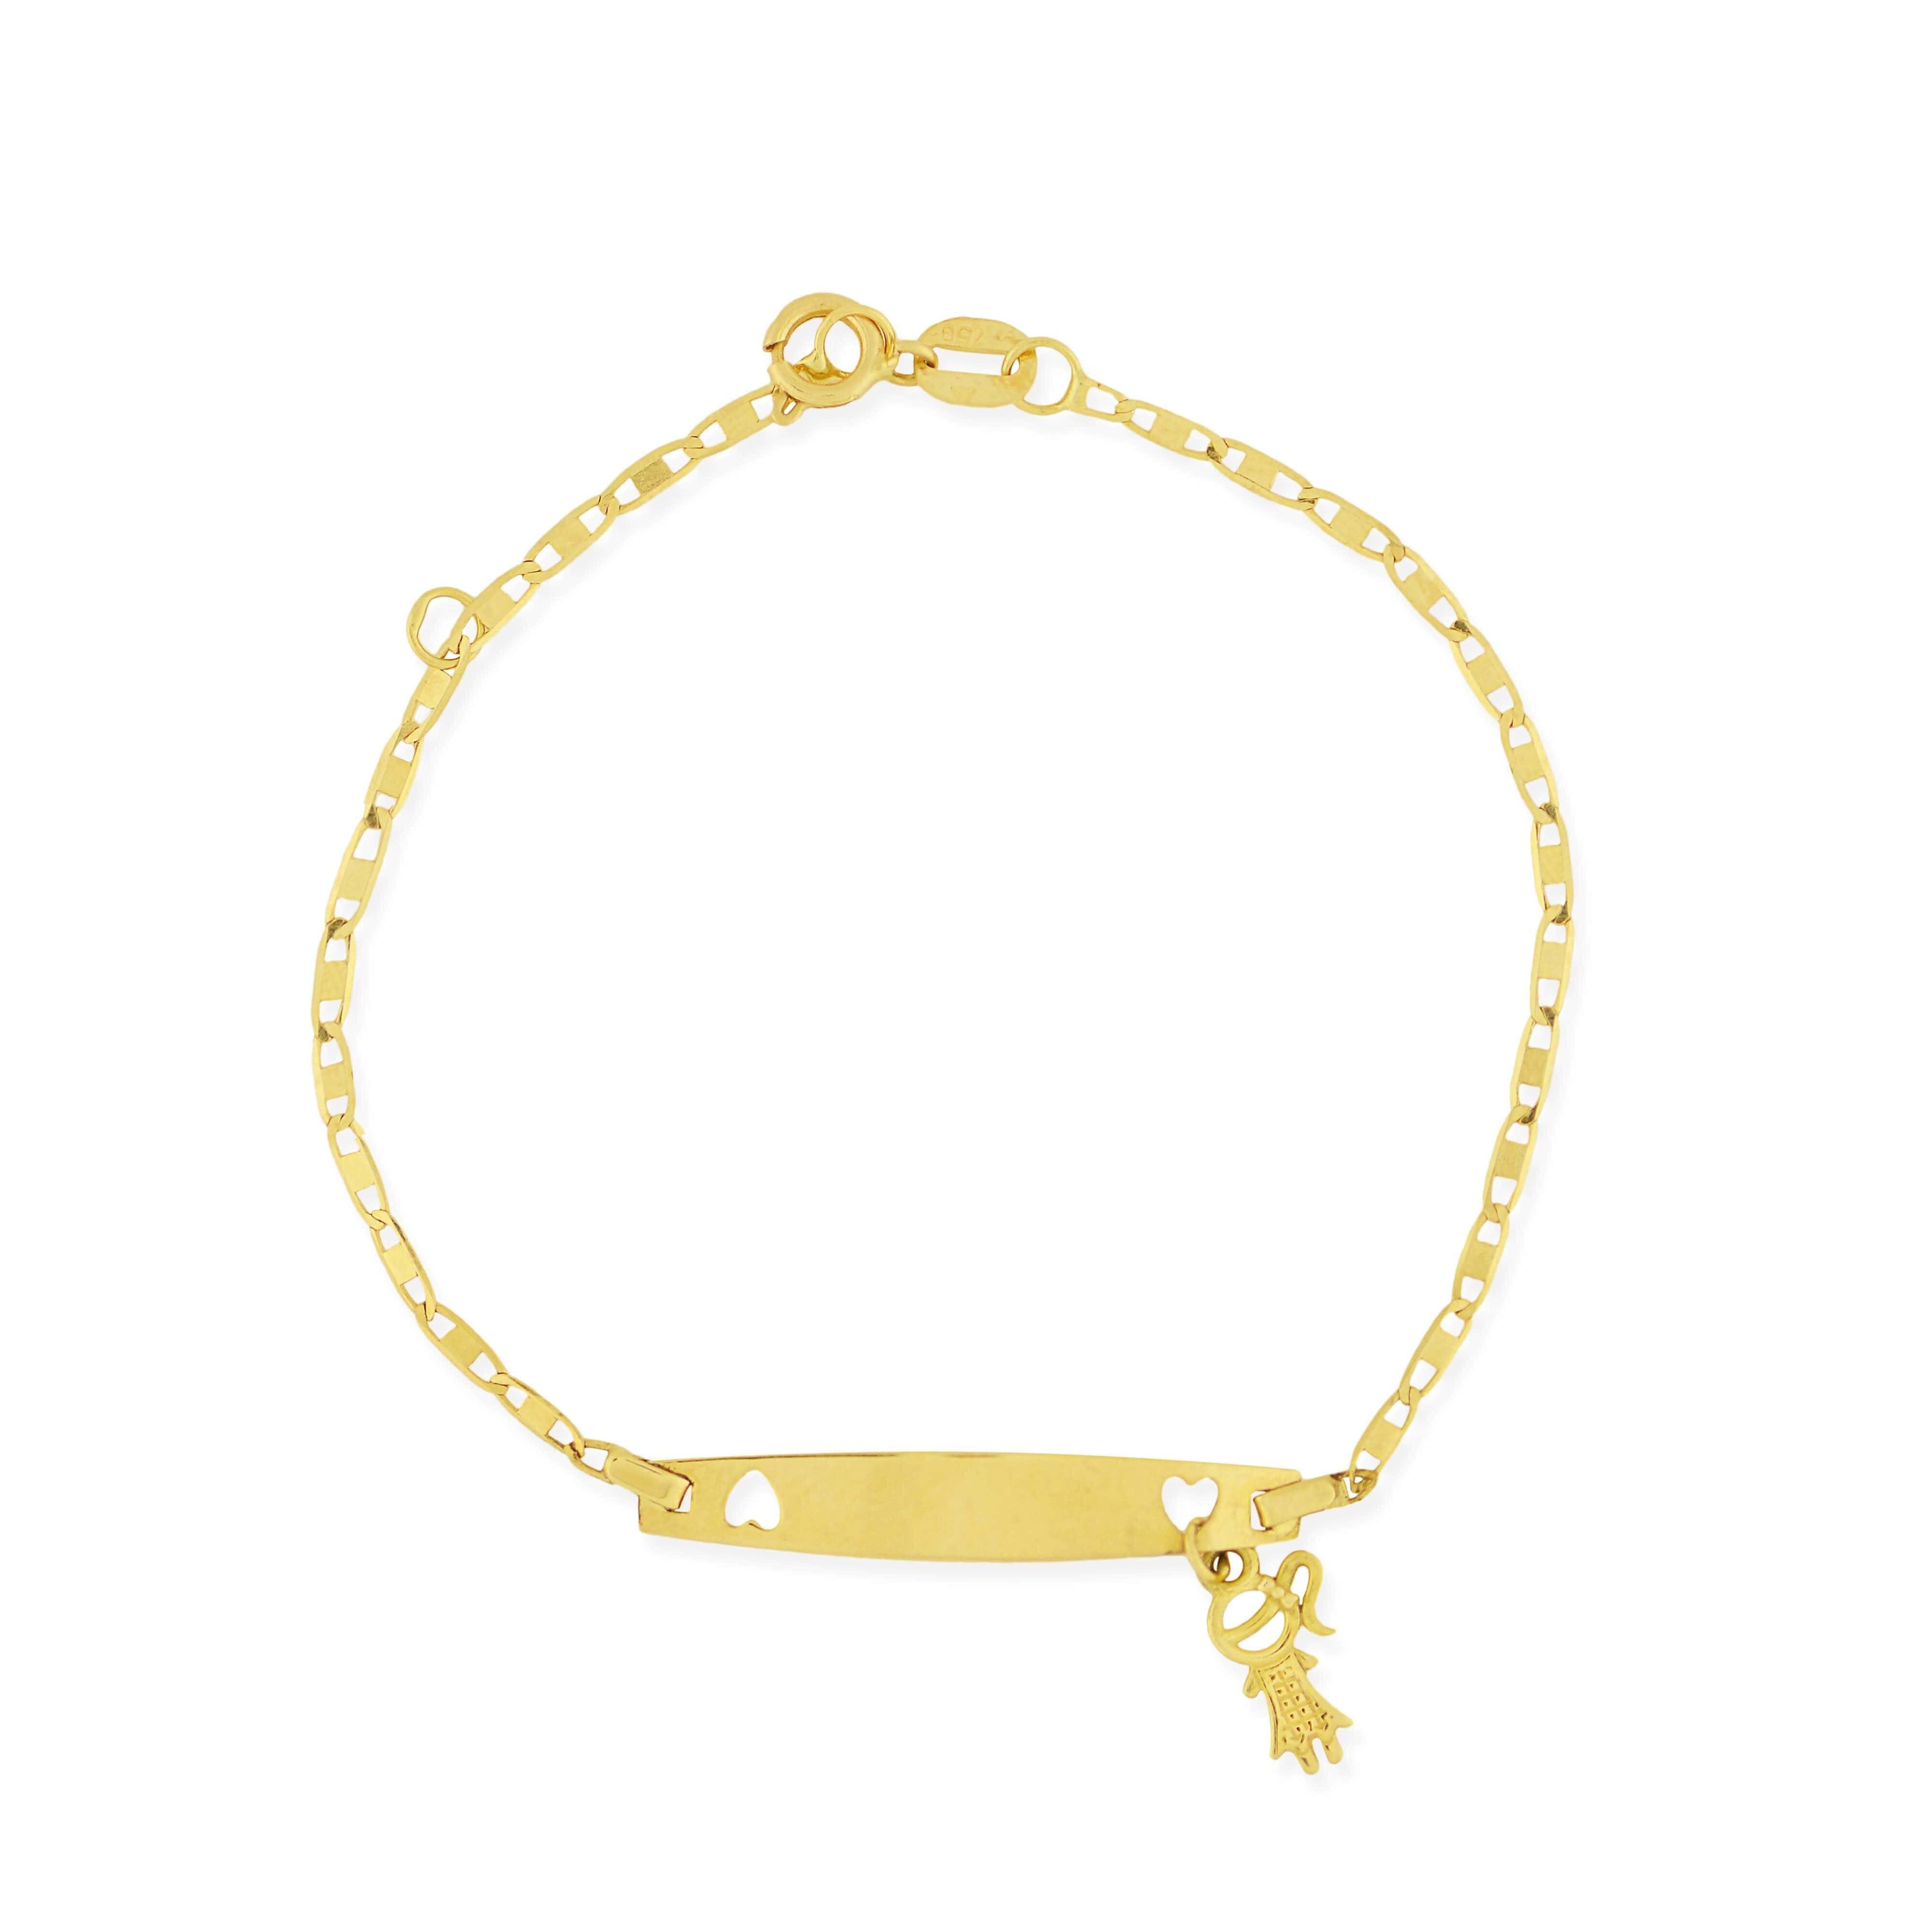 Pulseira Infantil Ouro 18k com pingente de menina de 13cm